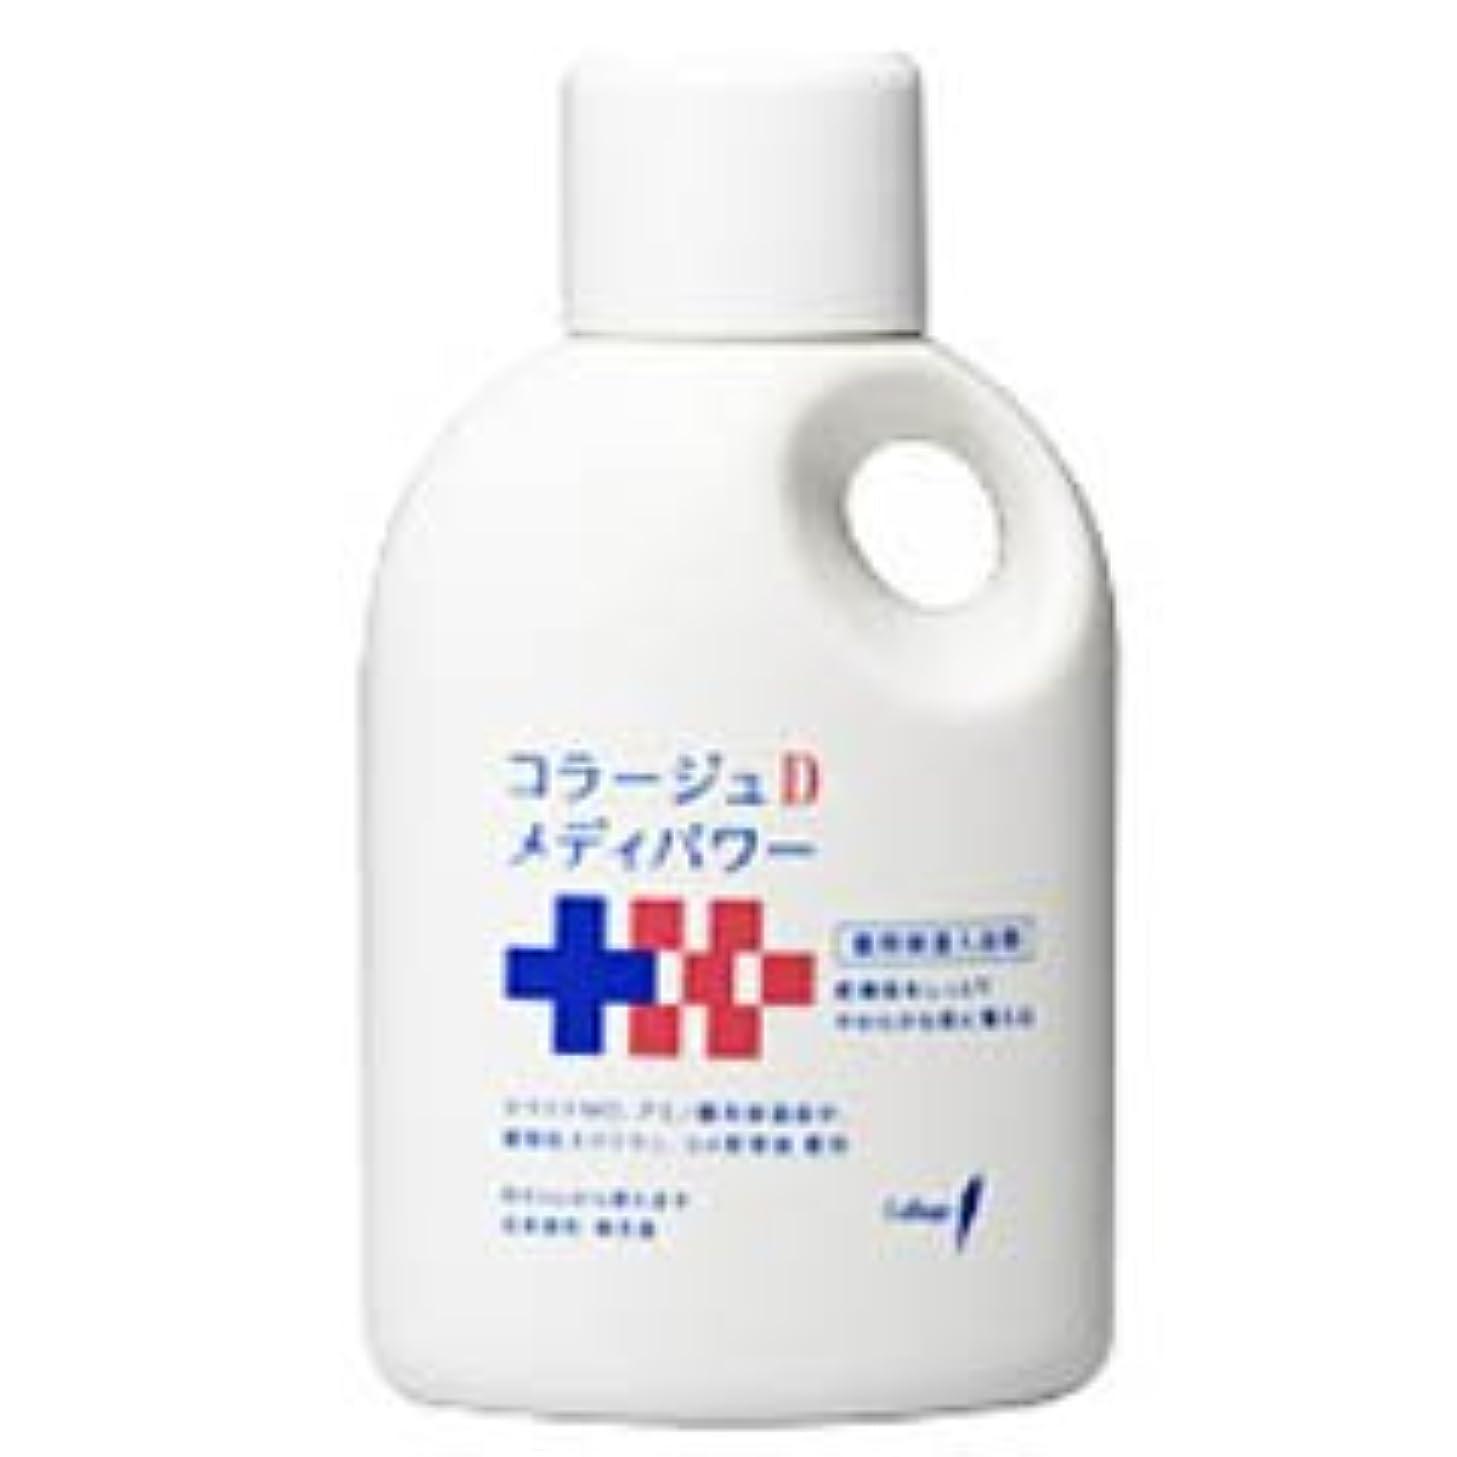 地獄大学院カテナ【持田ヘルスケア】コラージュD メディパワー 保湿入浴液 500ml